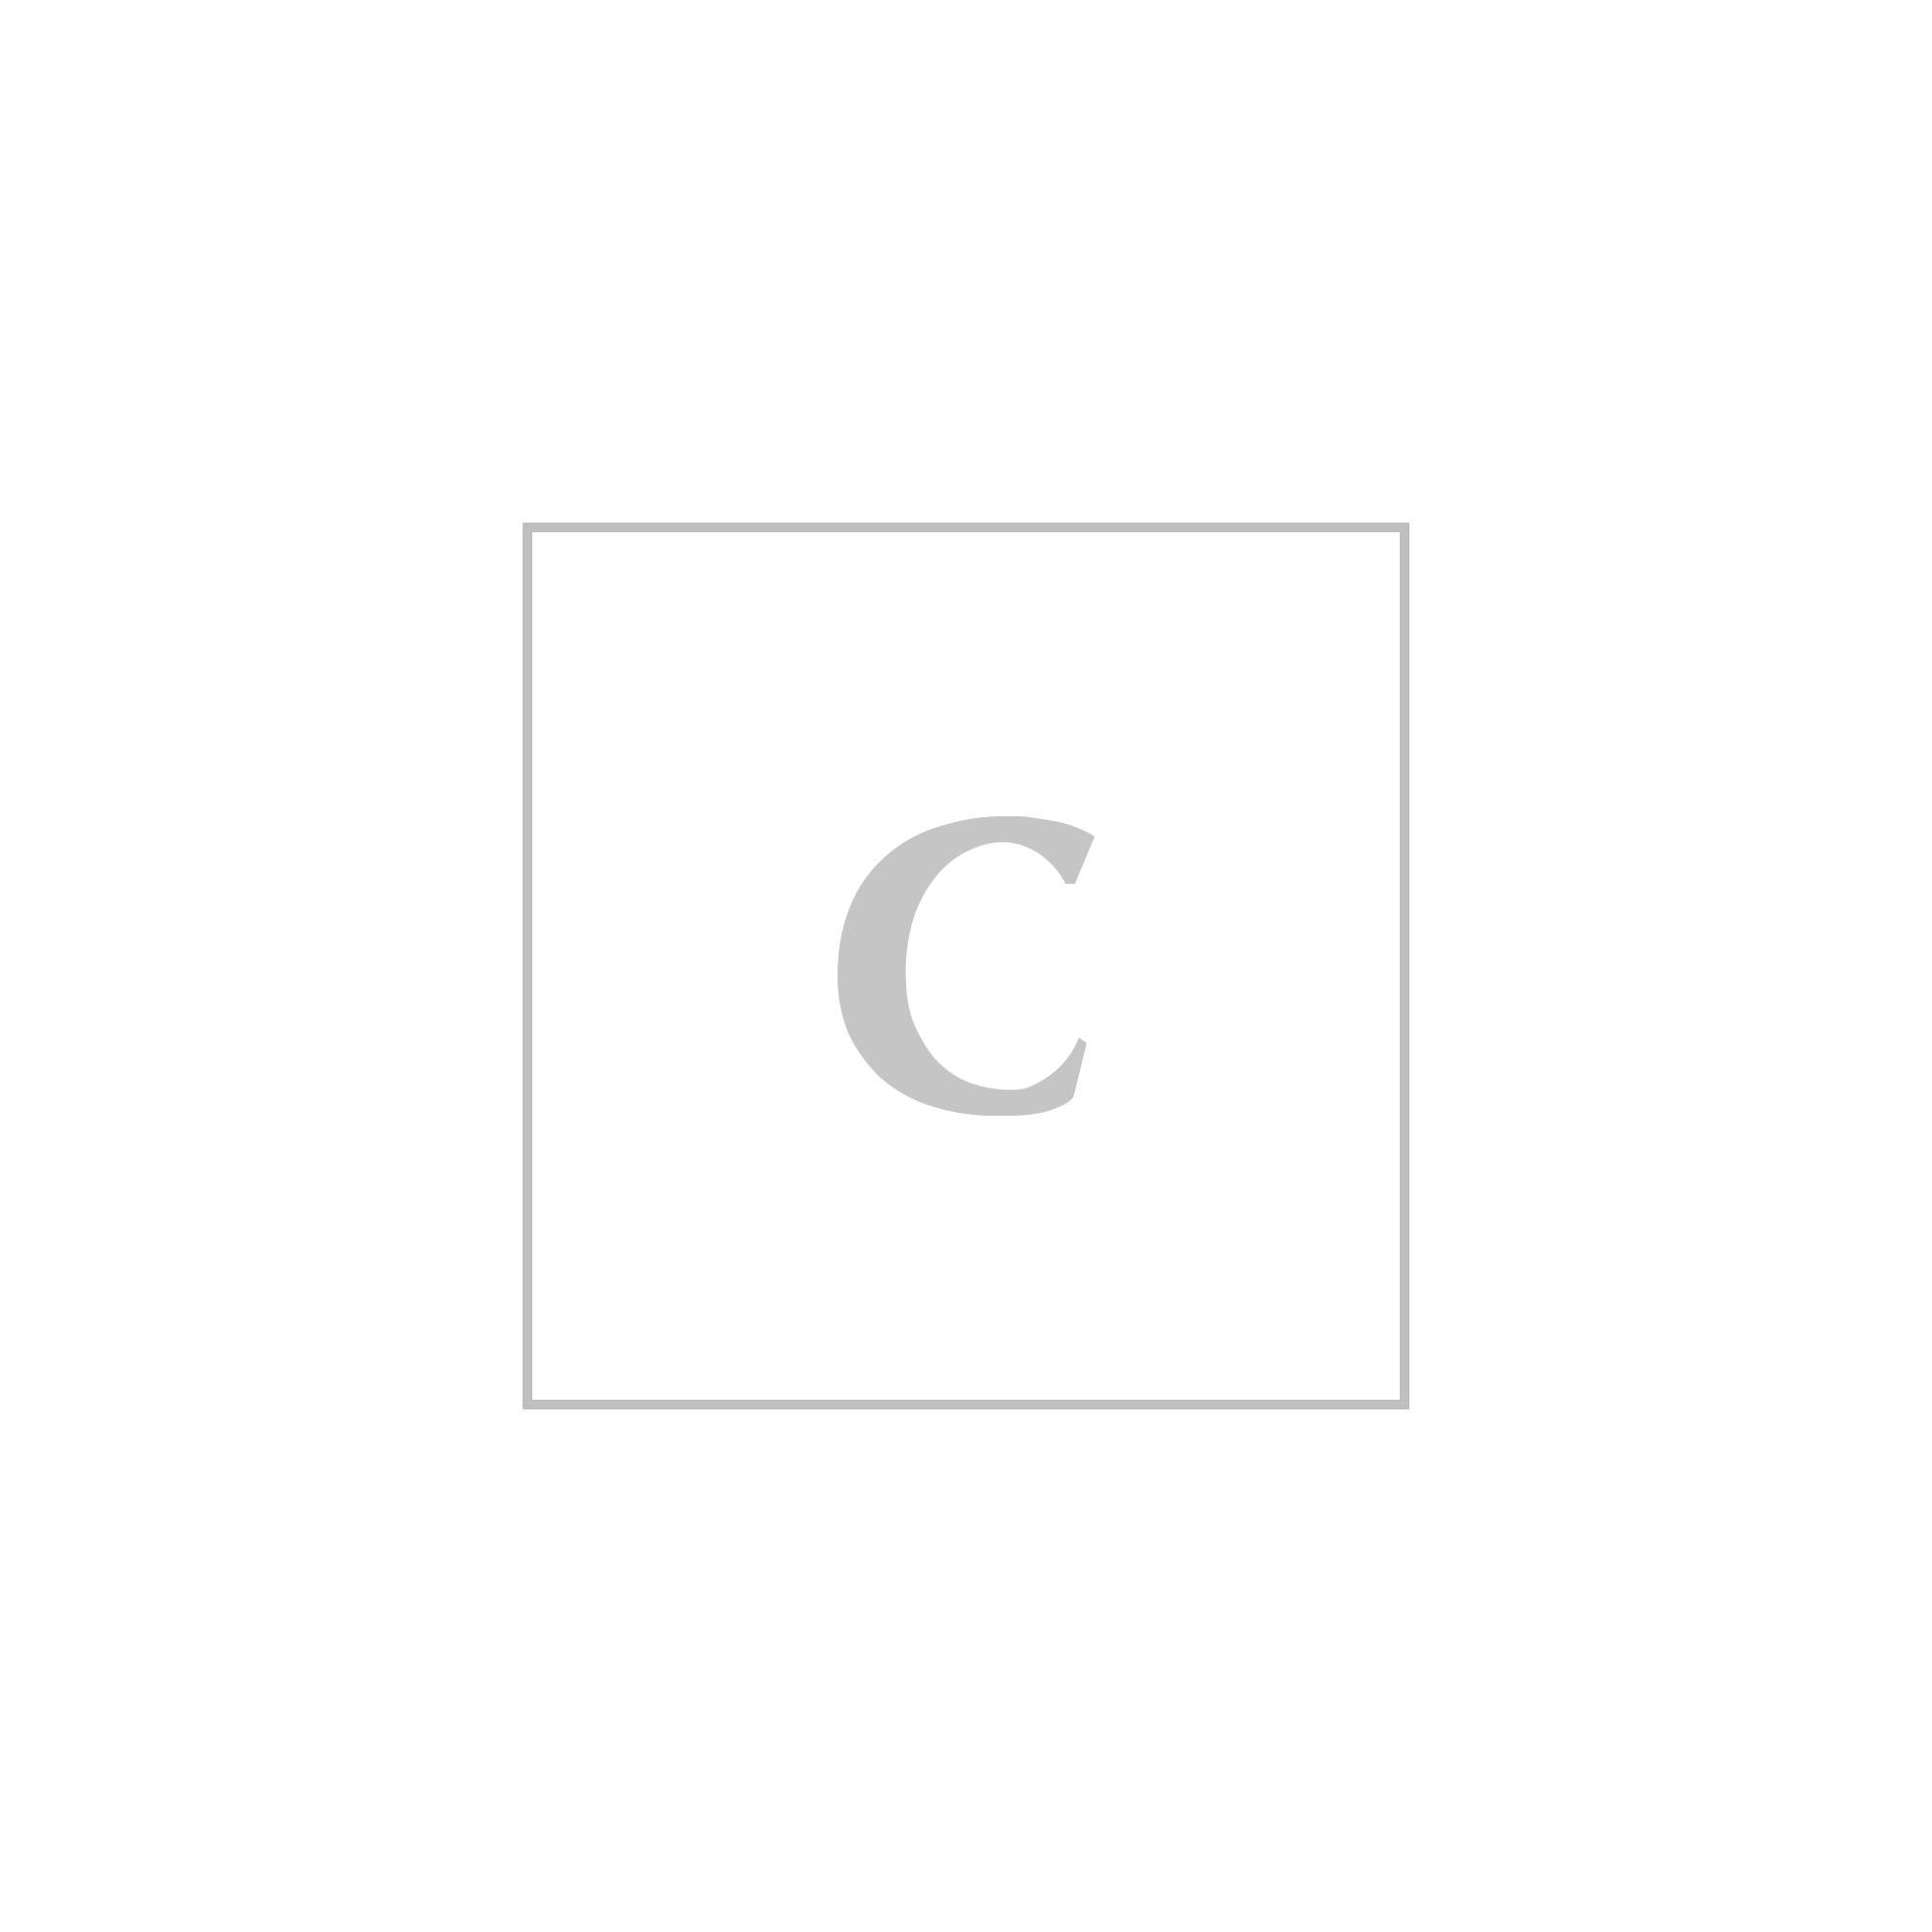 19799532b9 Fendi zaino ff fendi stamp